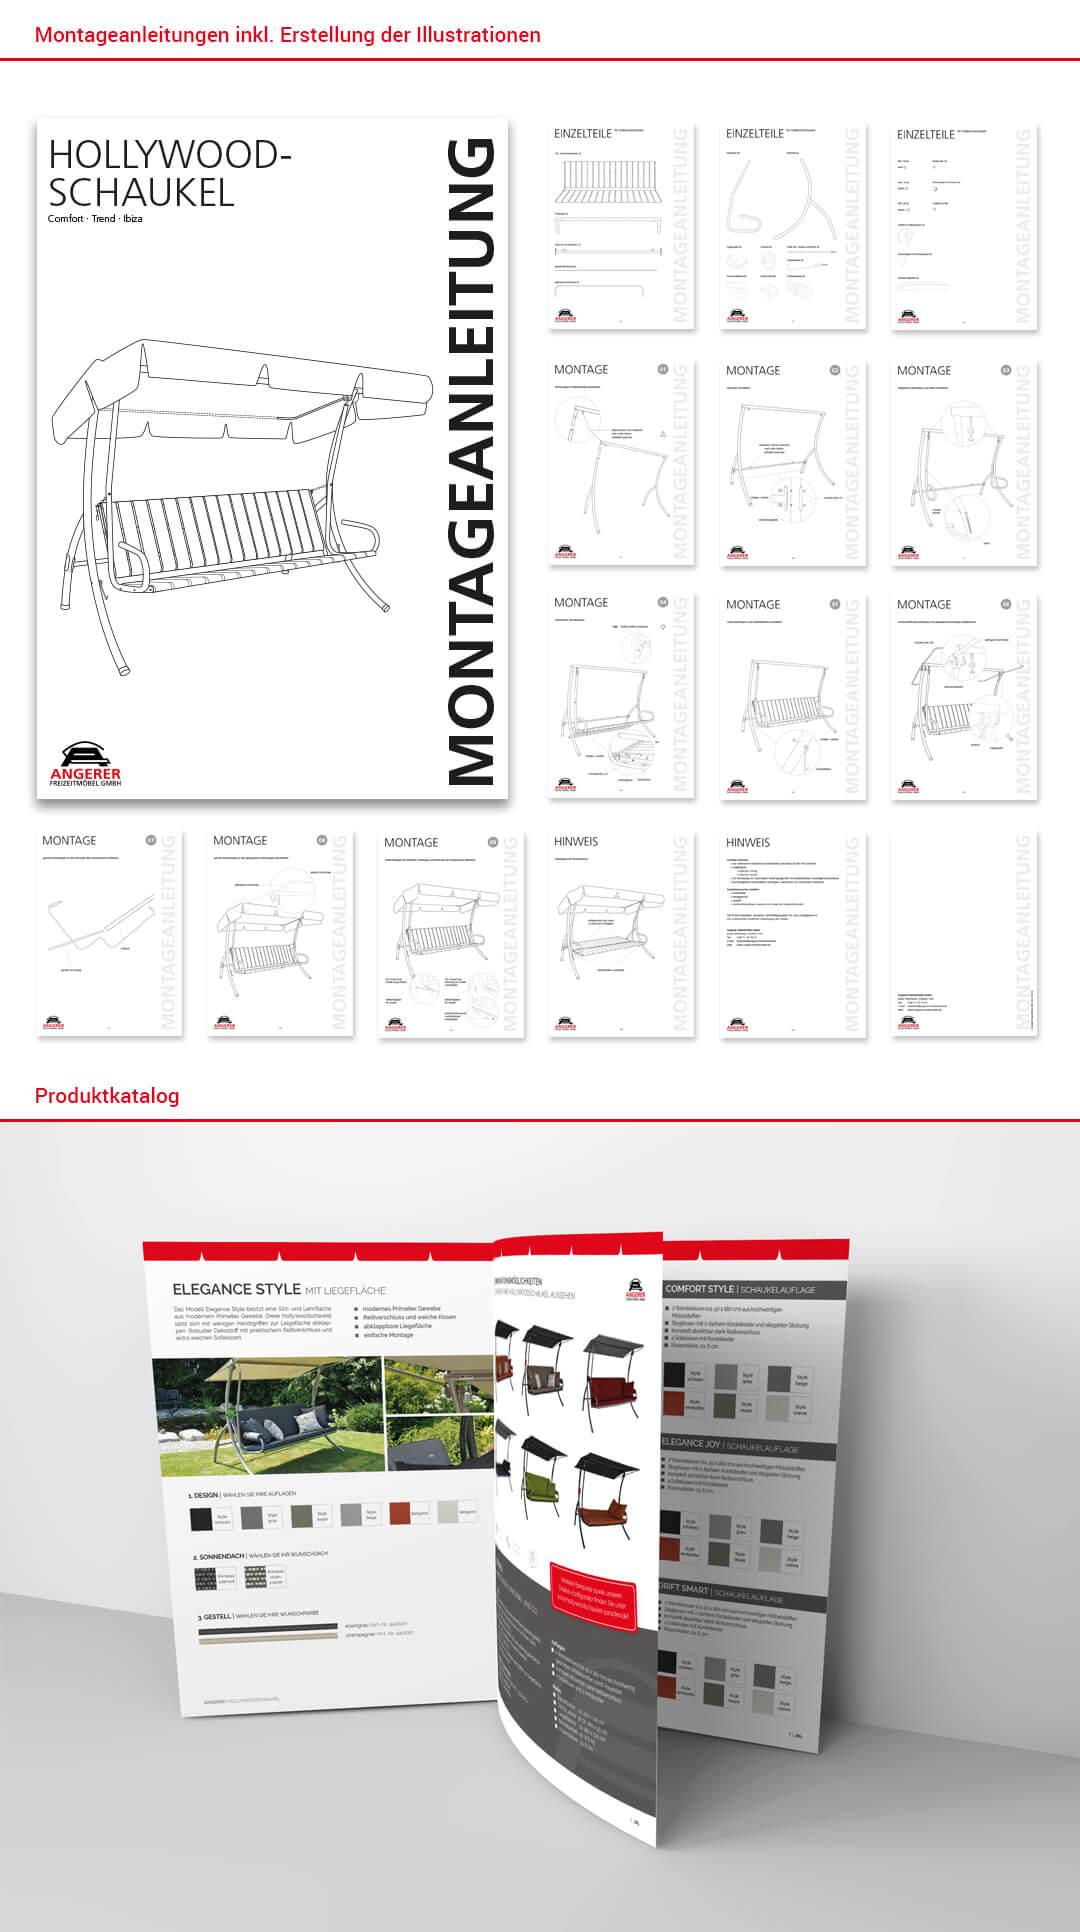 Interior Design For Www Angerer Freizeitmoebel De Ideas Of Mobiles Webdesign Mobiles Webdesign